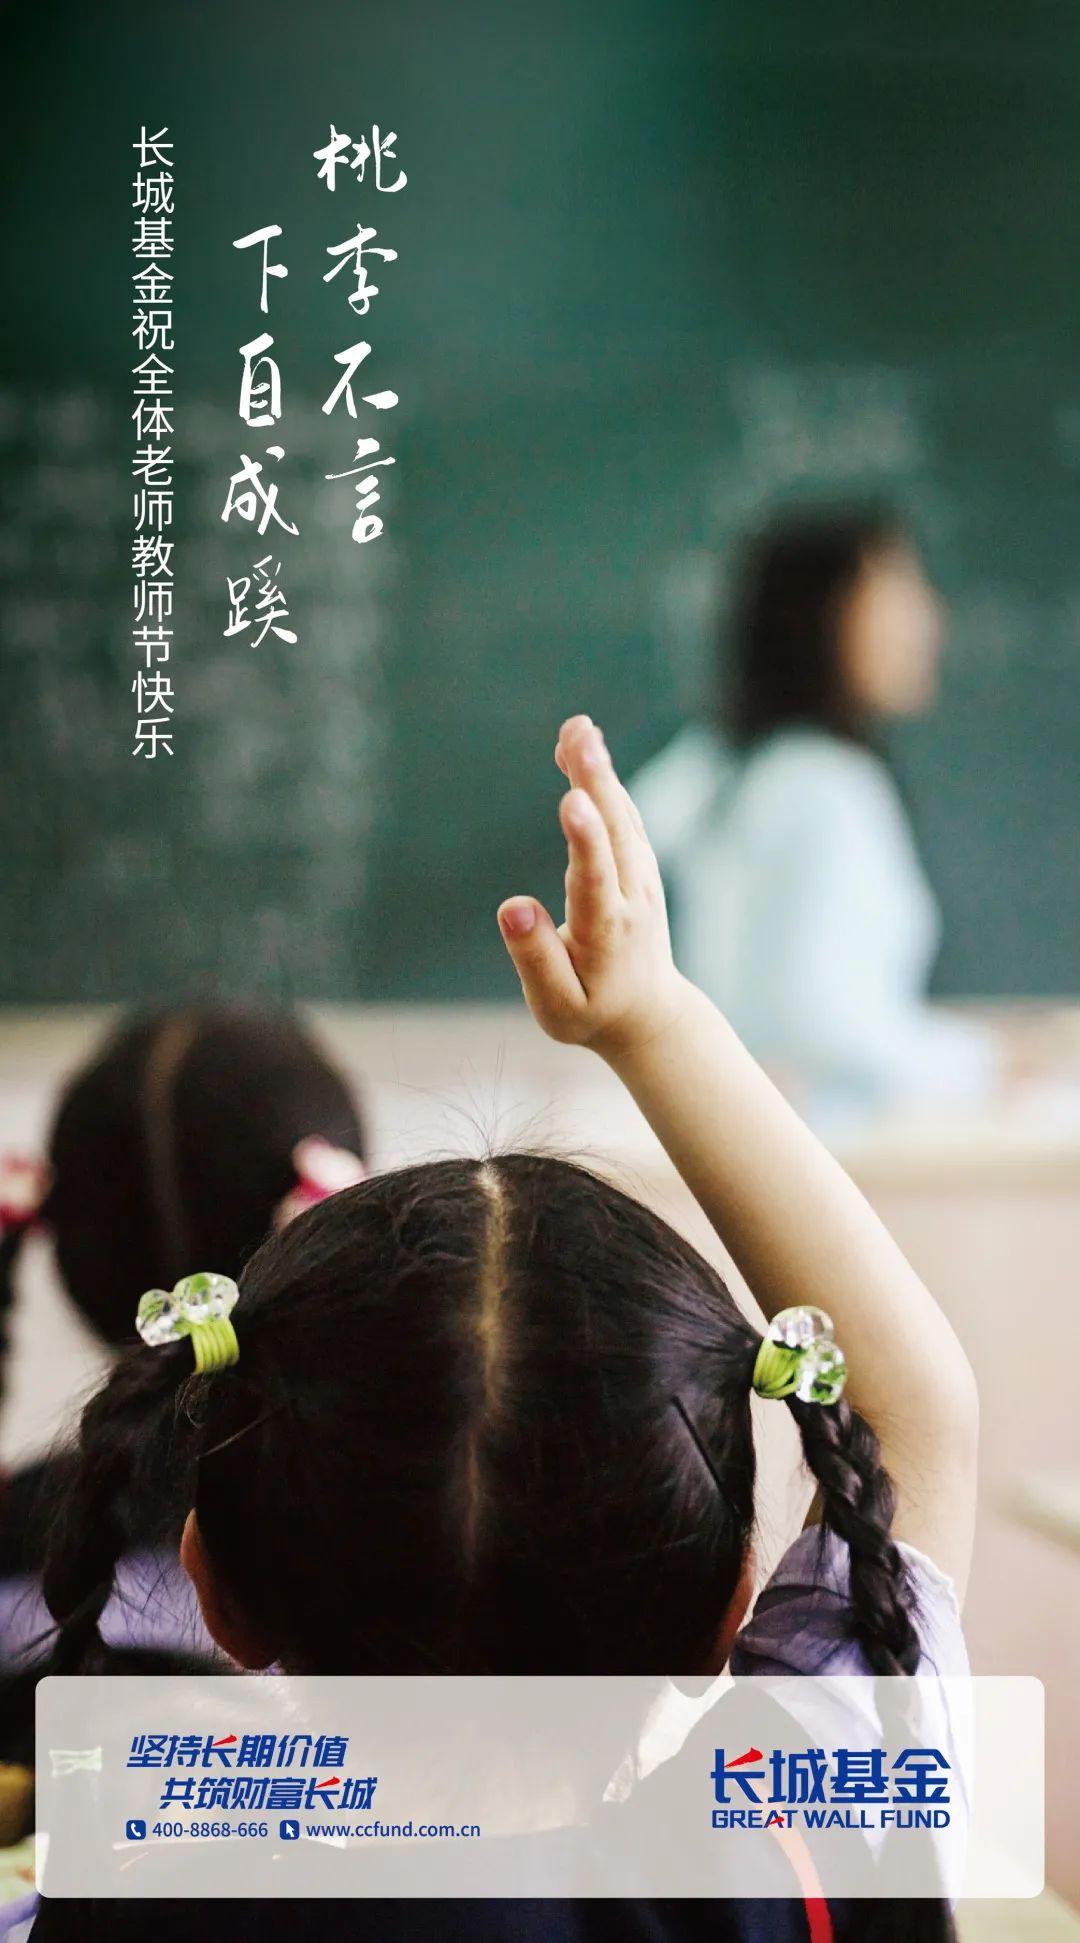 教师节红包 | 桃李不言,下自成蹊